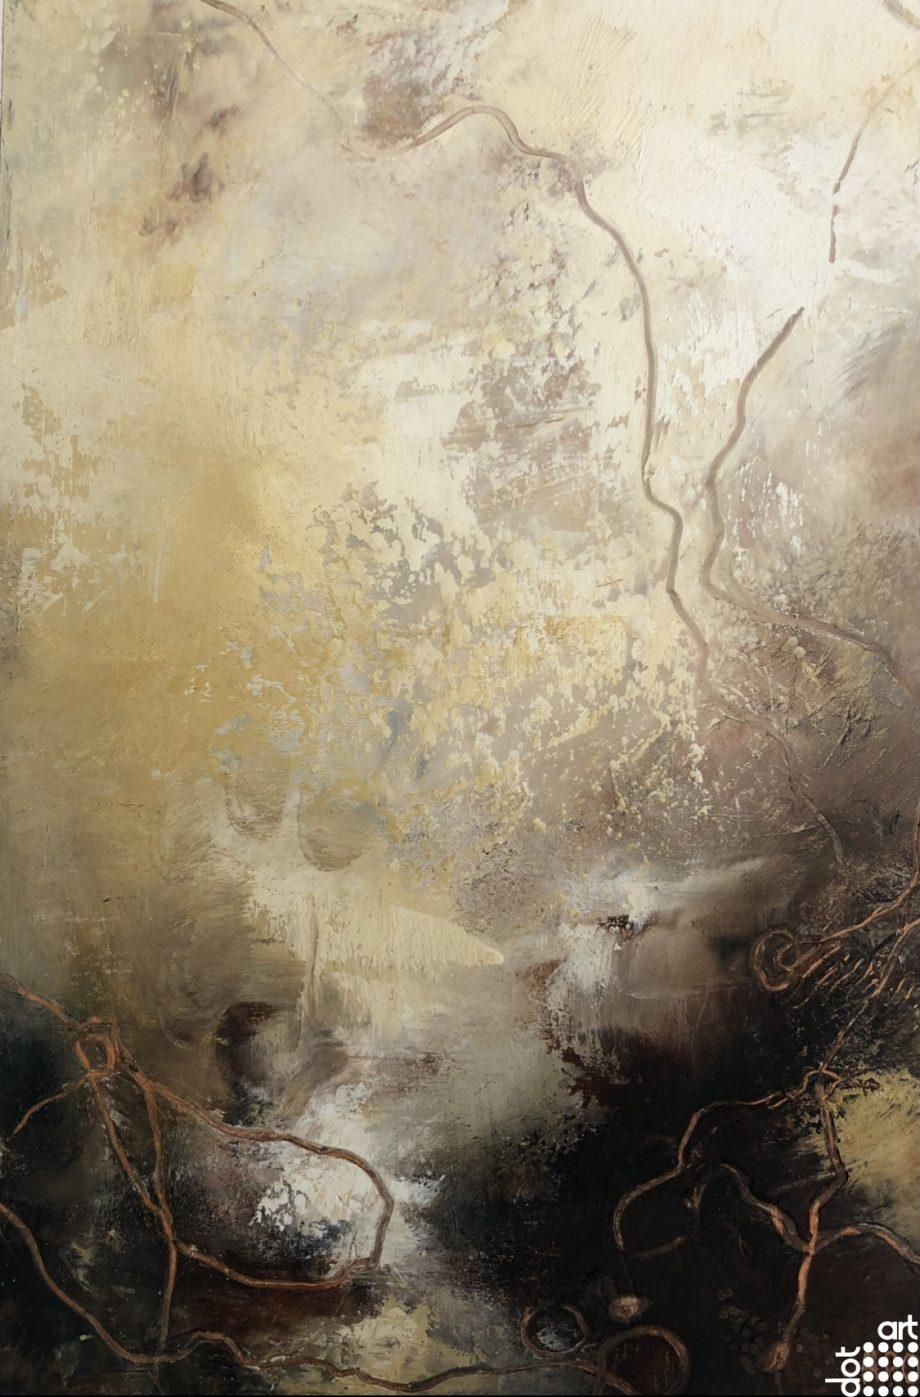 Traces through the Landscape #4-Amanda-Oliphant